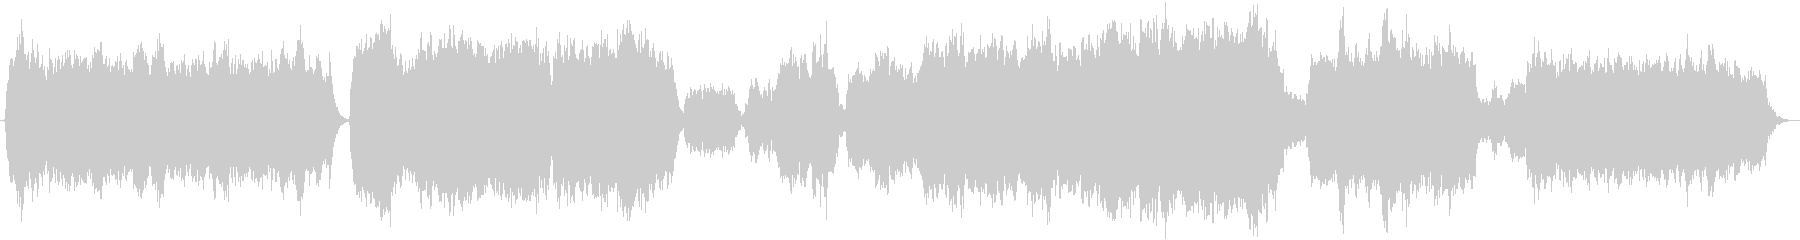 弦楽とパイプオルガンによる讃美歌風BGMの未再生の波形